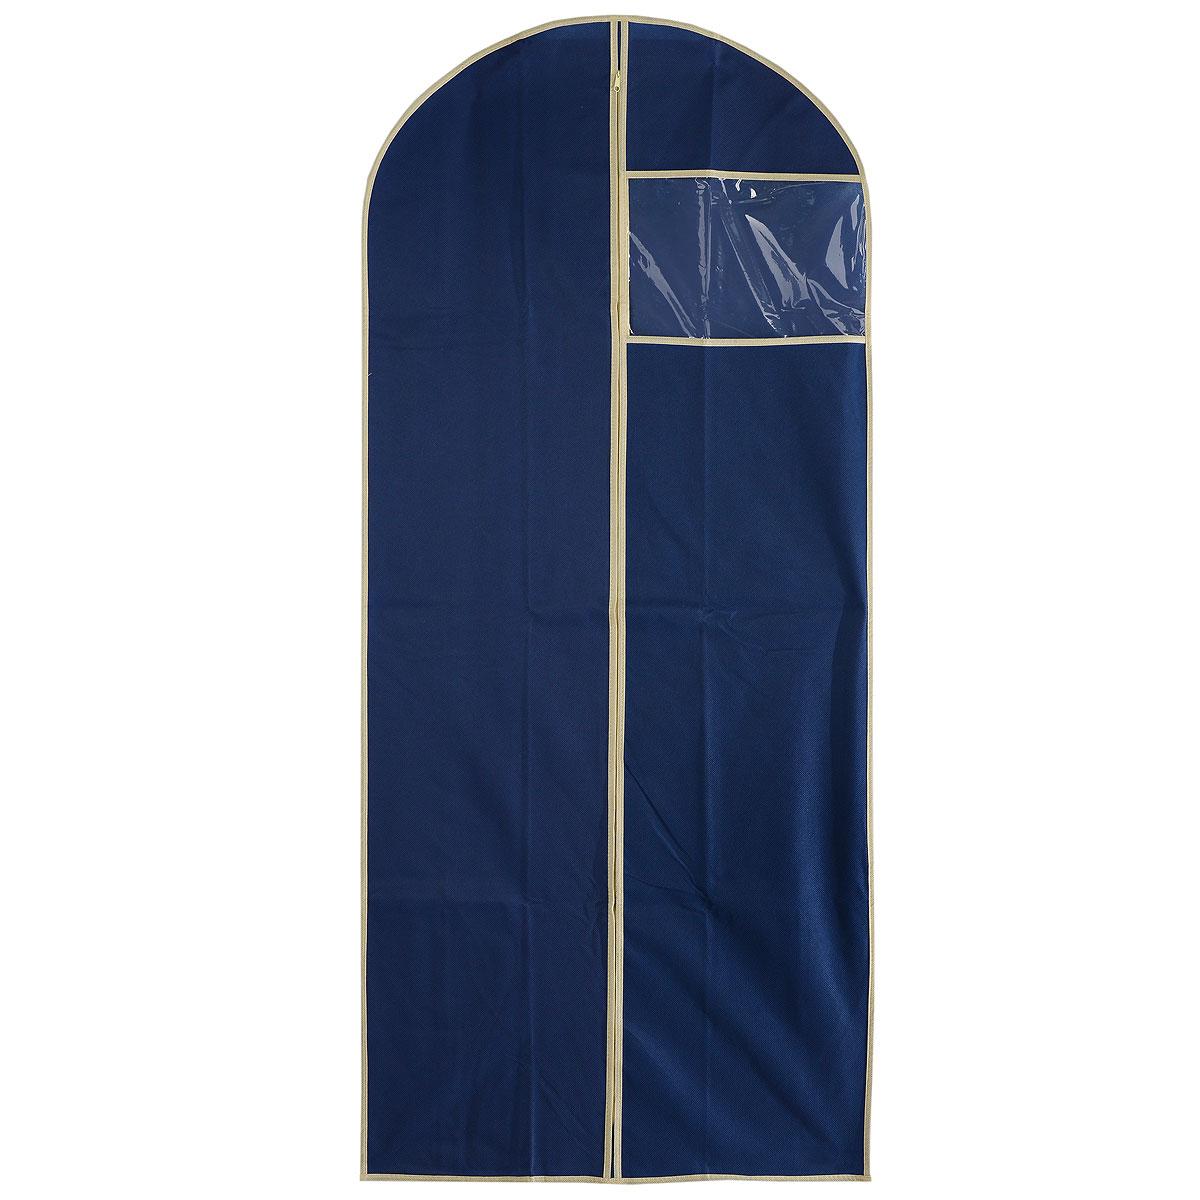 Чехол для пальто Cosatto, цвет: синий, 137 х 60 смCOVLCAT010Чехол для пальто Cosatto изготовлен из дышащего нетканого материала (полипропилена), безопасного в использовании. Предназначен для хранения пальто и другой длинной верхней одежды. Имеет прозрачное окно, застежку-молнию и специальное отверстие для крючка вешалки. Материал можно протирать в случае загрязнения влажной тряпкой.